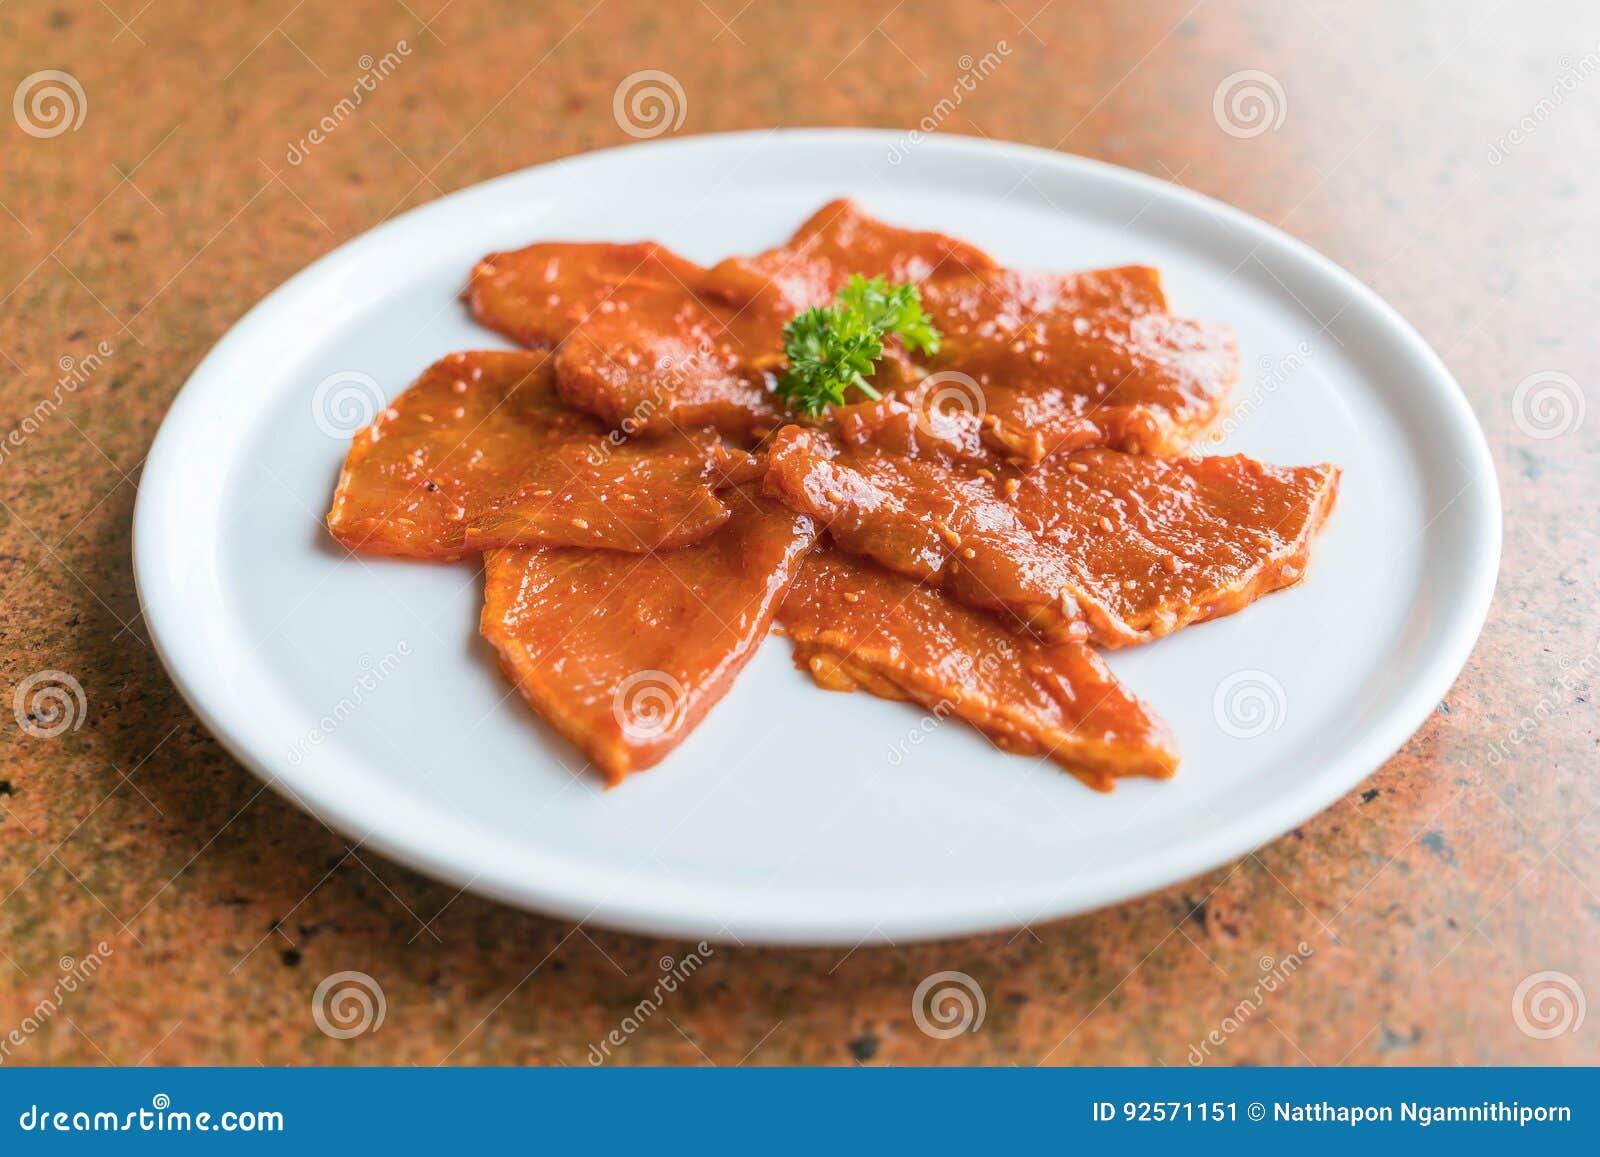 Faccia scorrere la carne cruda